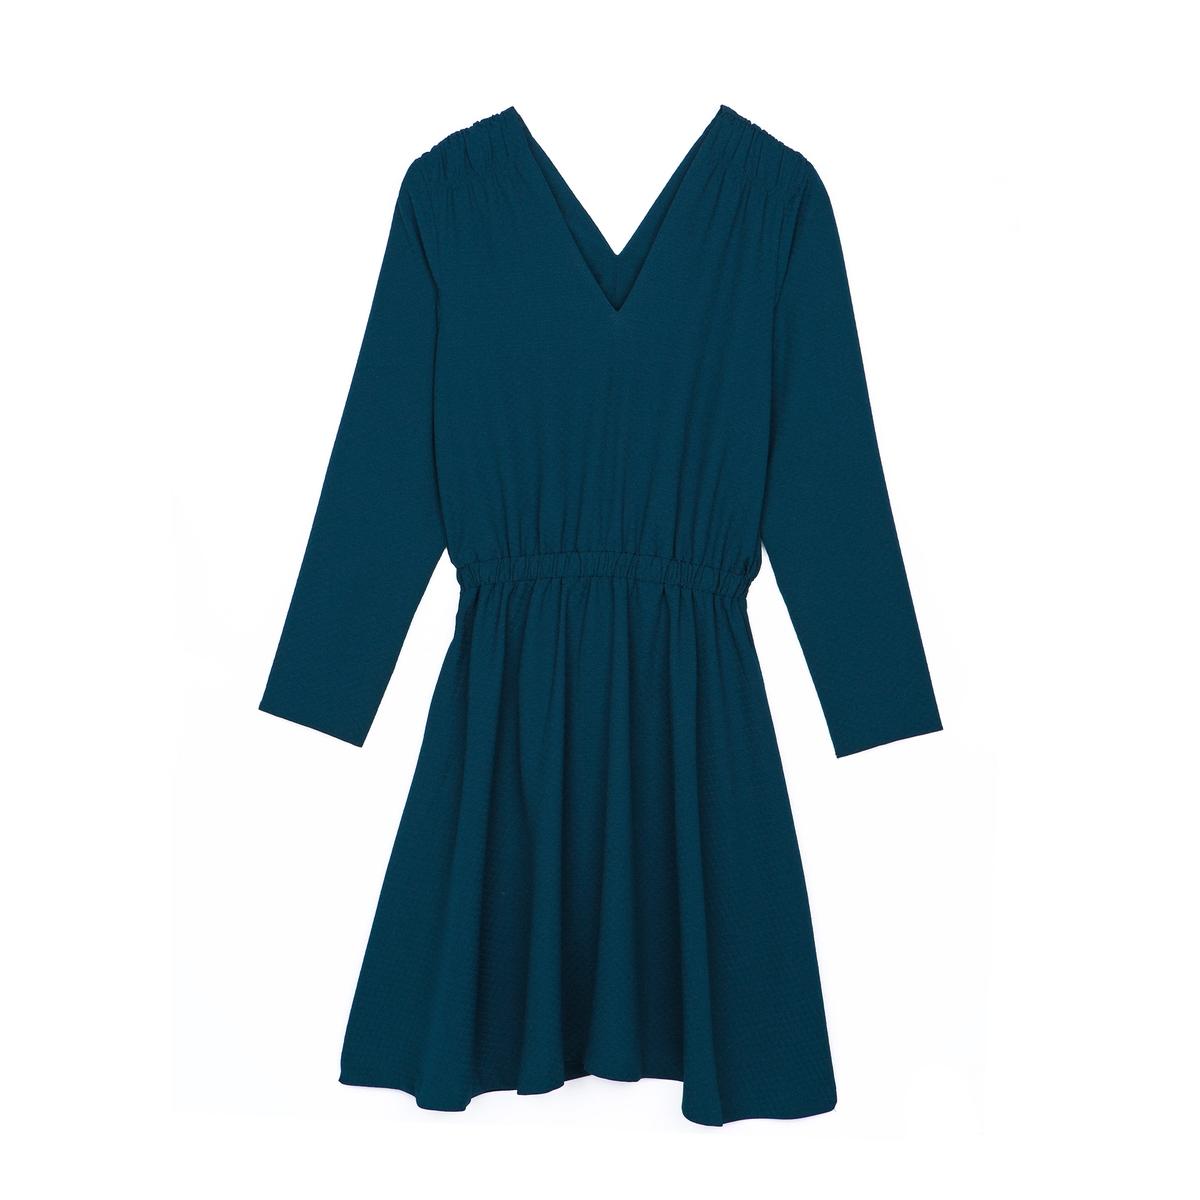 Платье с V-образным декольте и длинным рукавомПлатье с длинным рукавом RIVER RIVER от KARL MARC JOHN. V-образные декольте спереди и сзади. Эластичный пояс.Состав и описаниеМарка : KARL MARC JOHNМатериал :  100% полиэстер<br><br>Цвет: сине-зеленый<br>Размер: M